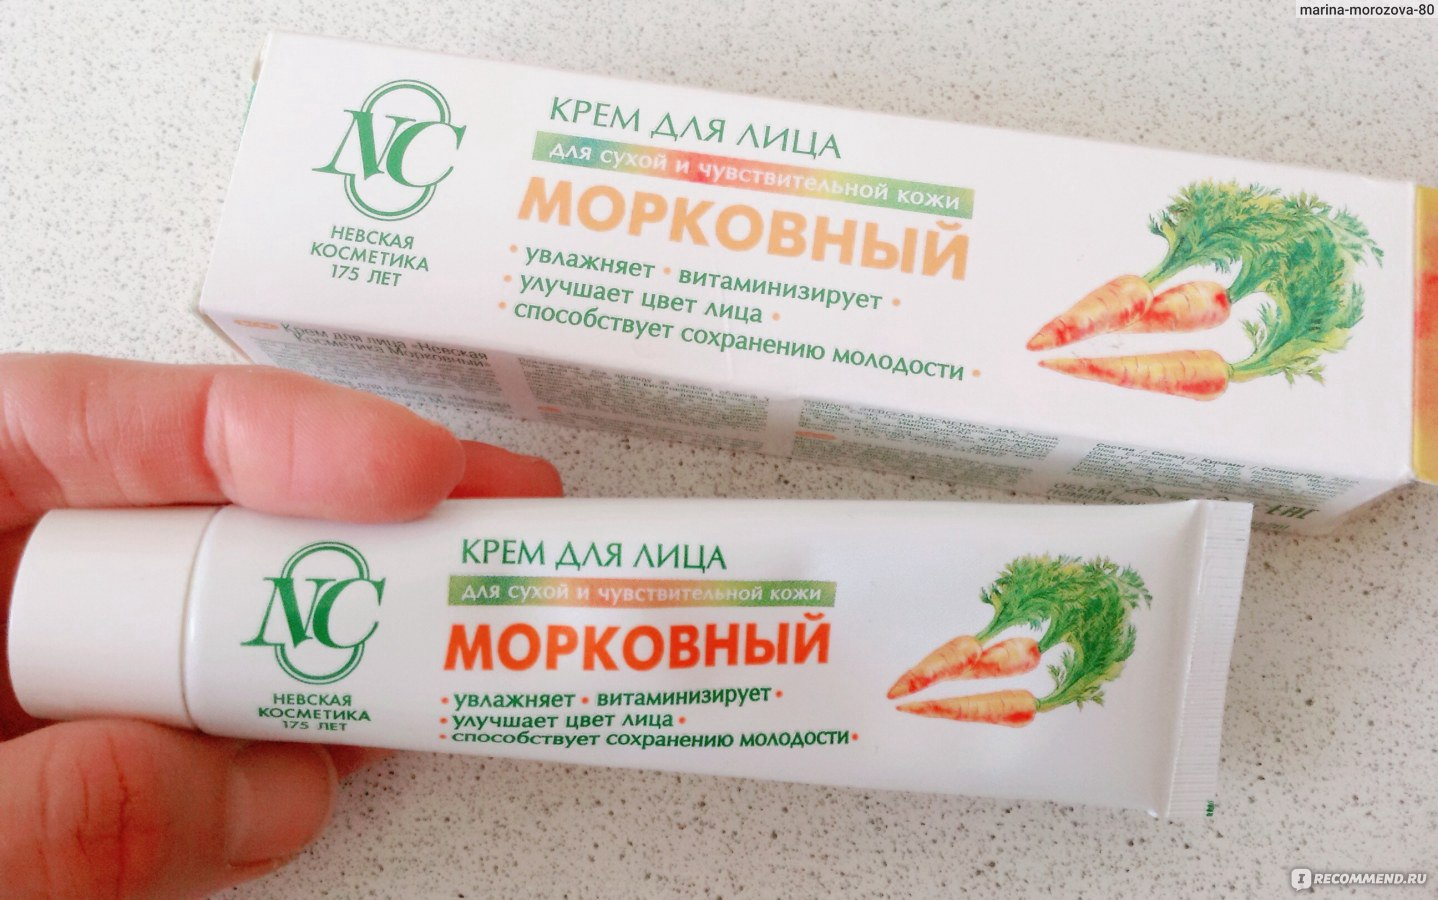 крем морковный невская косметика купить в екатеринбурге